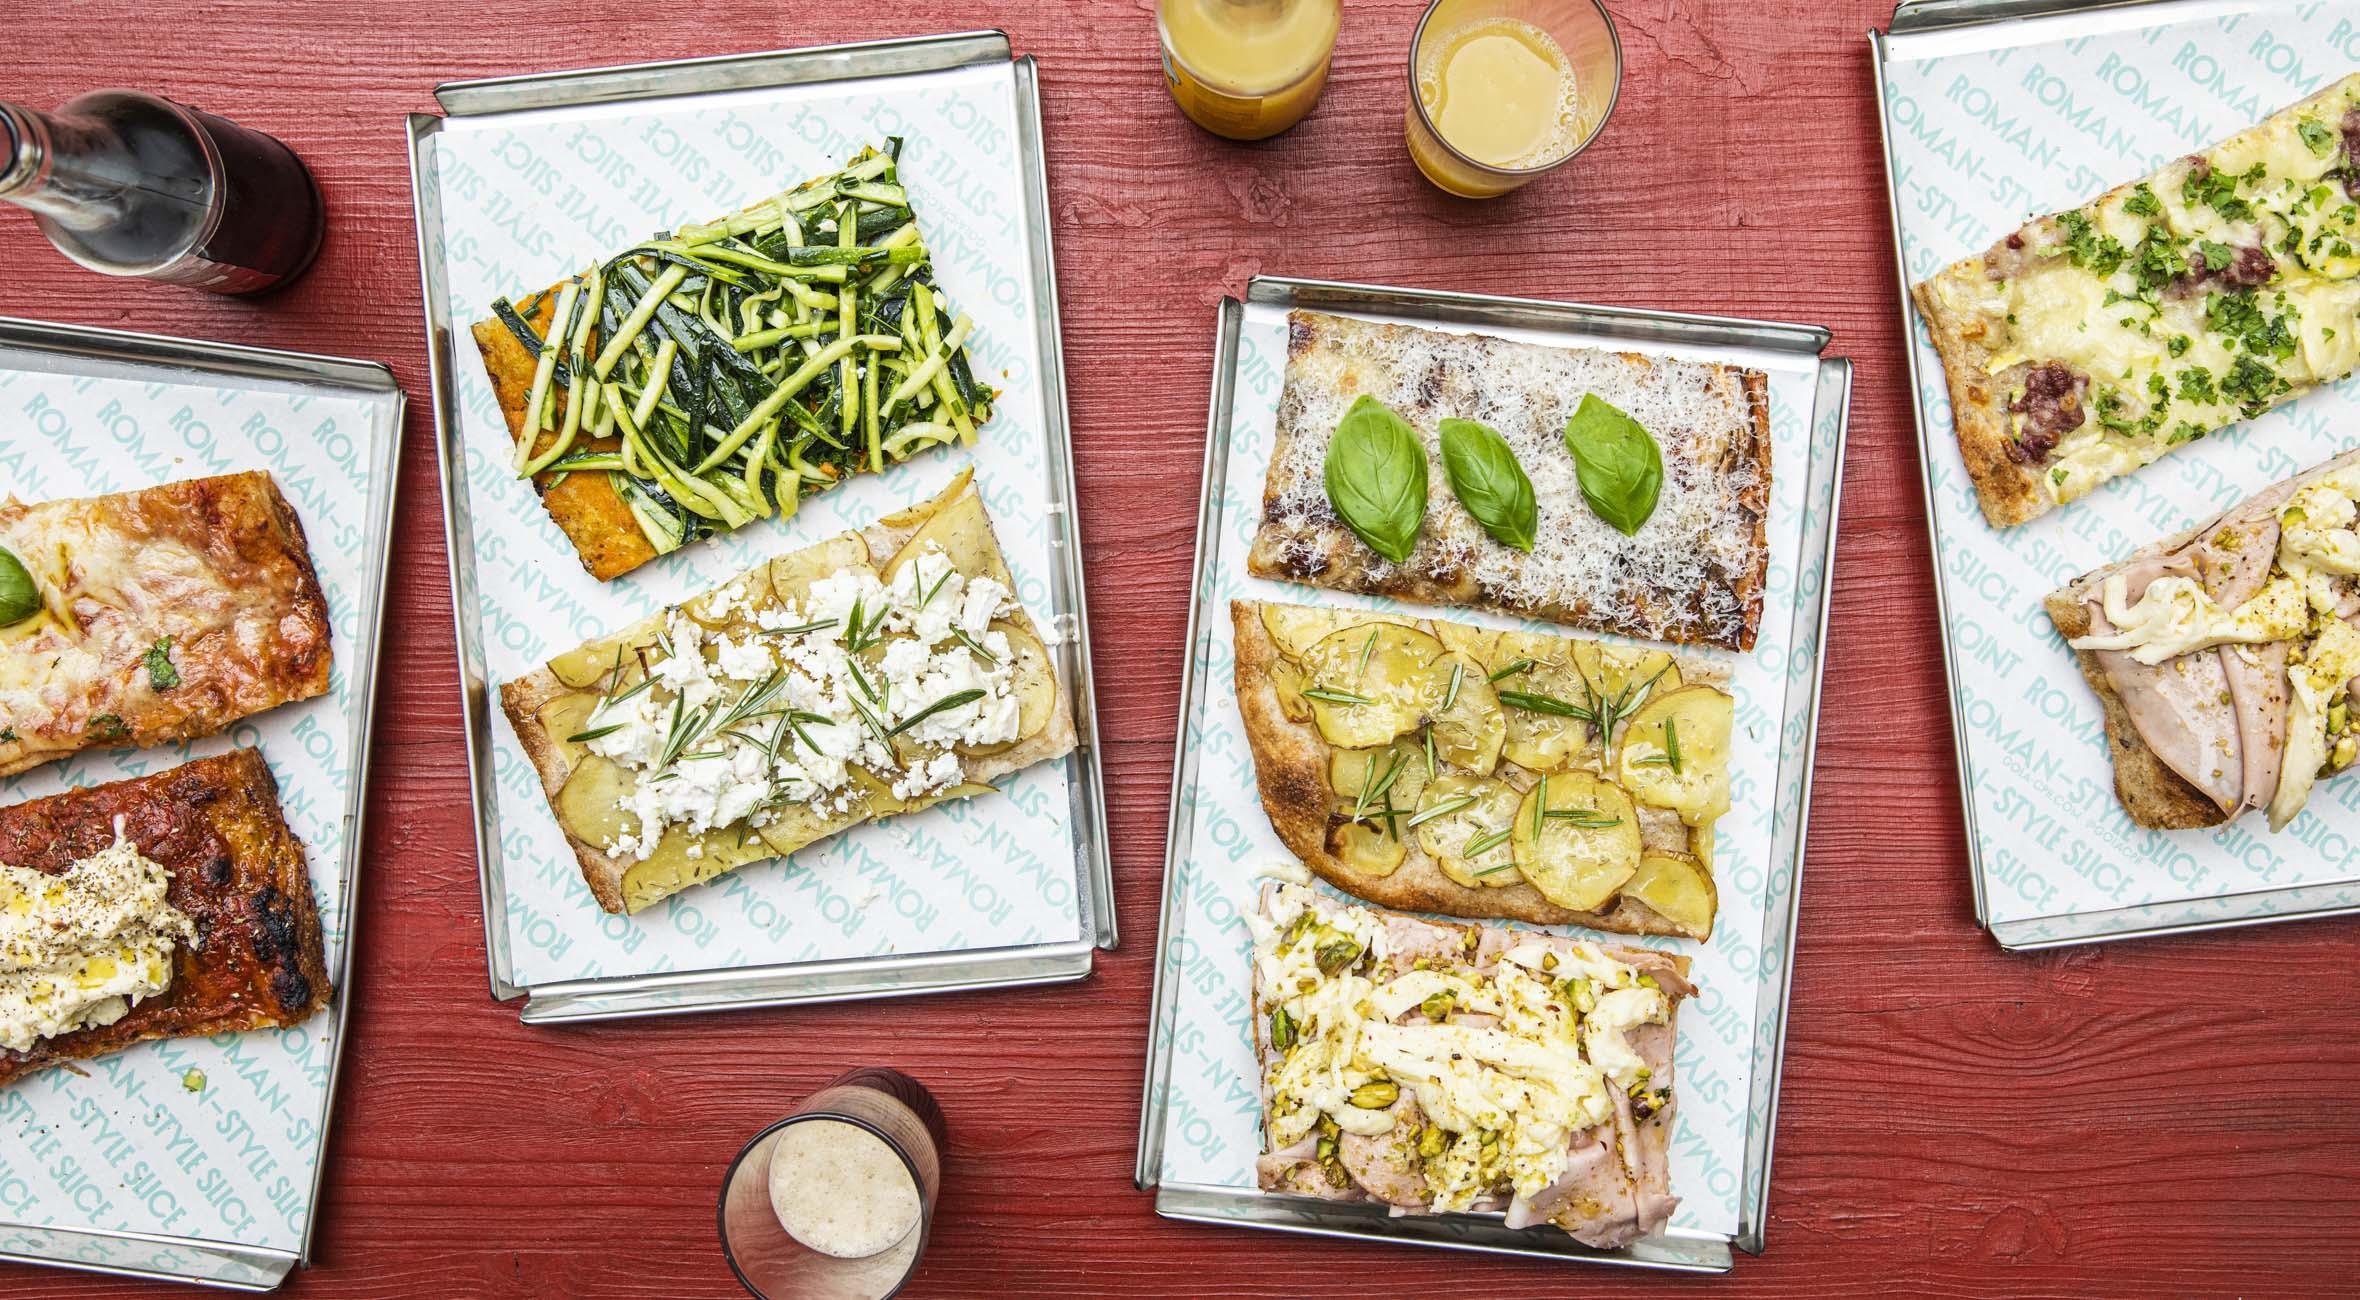 Pizza slices for 2 personer hos Gola på Nørrebro – Italienske kokke tager romersk pizza slice koncept til København